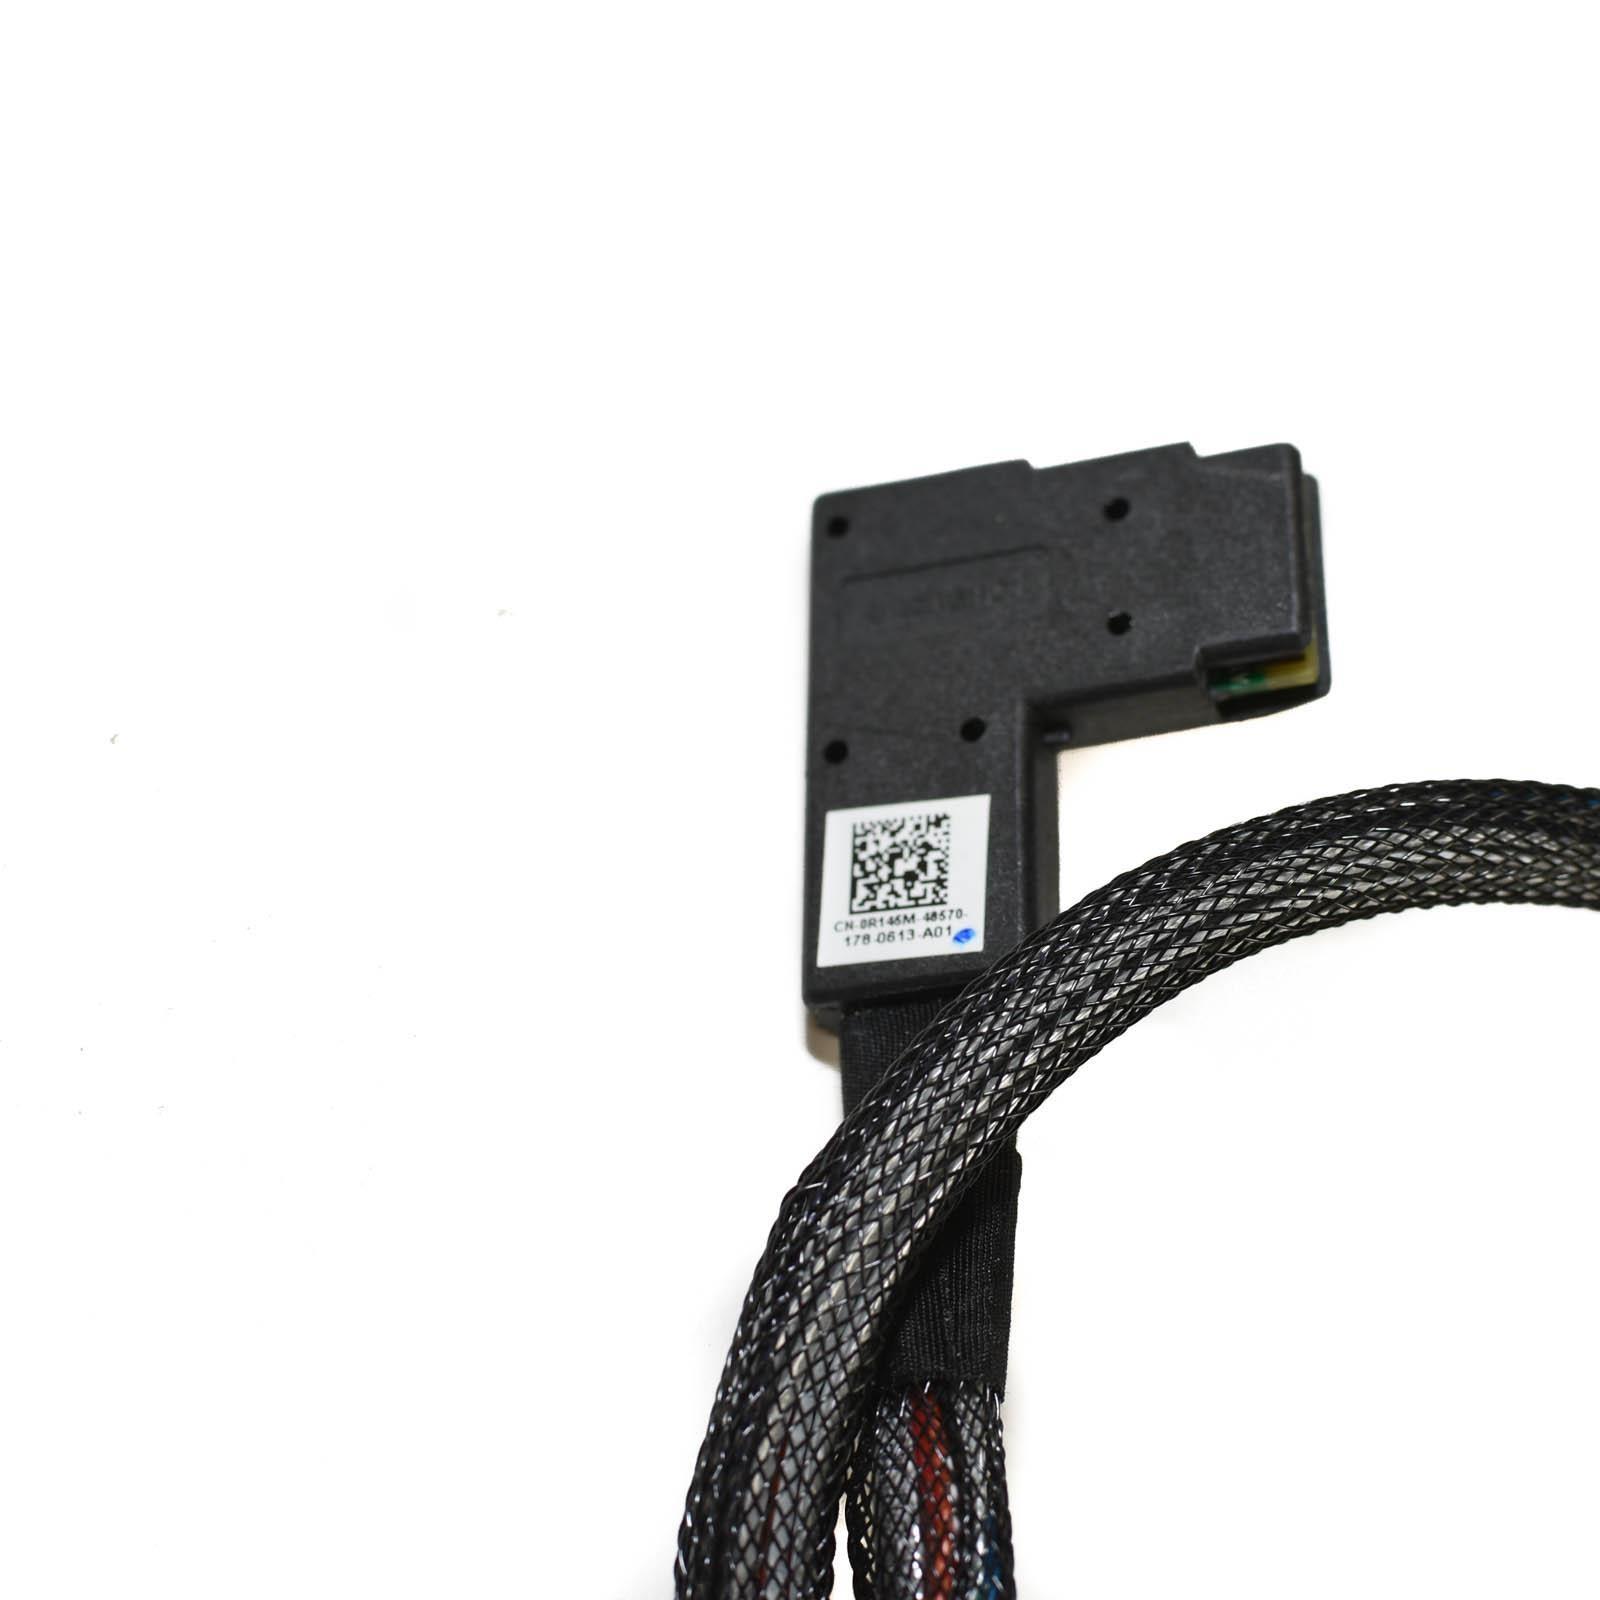 DELL MINI SAS 22 INCH CABLE FOR DELL POWEREDGE R710 2.5 R145M